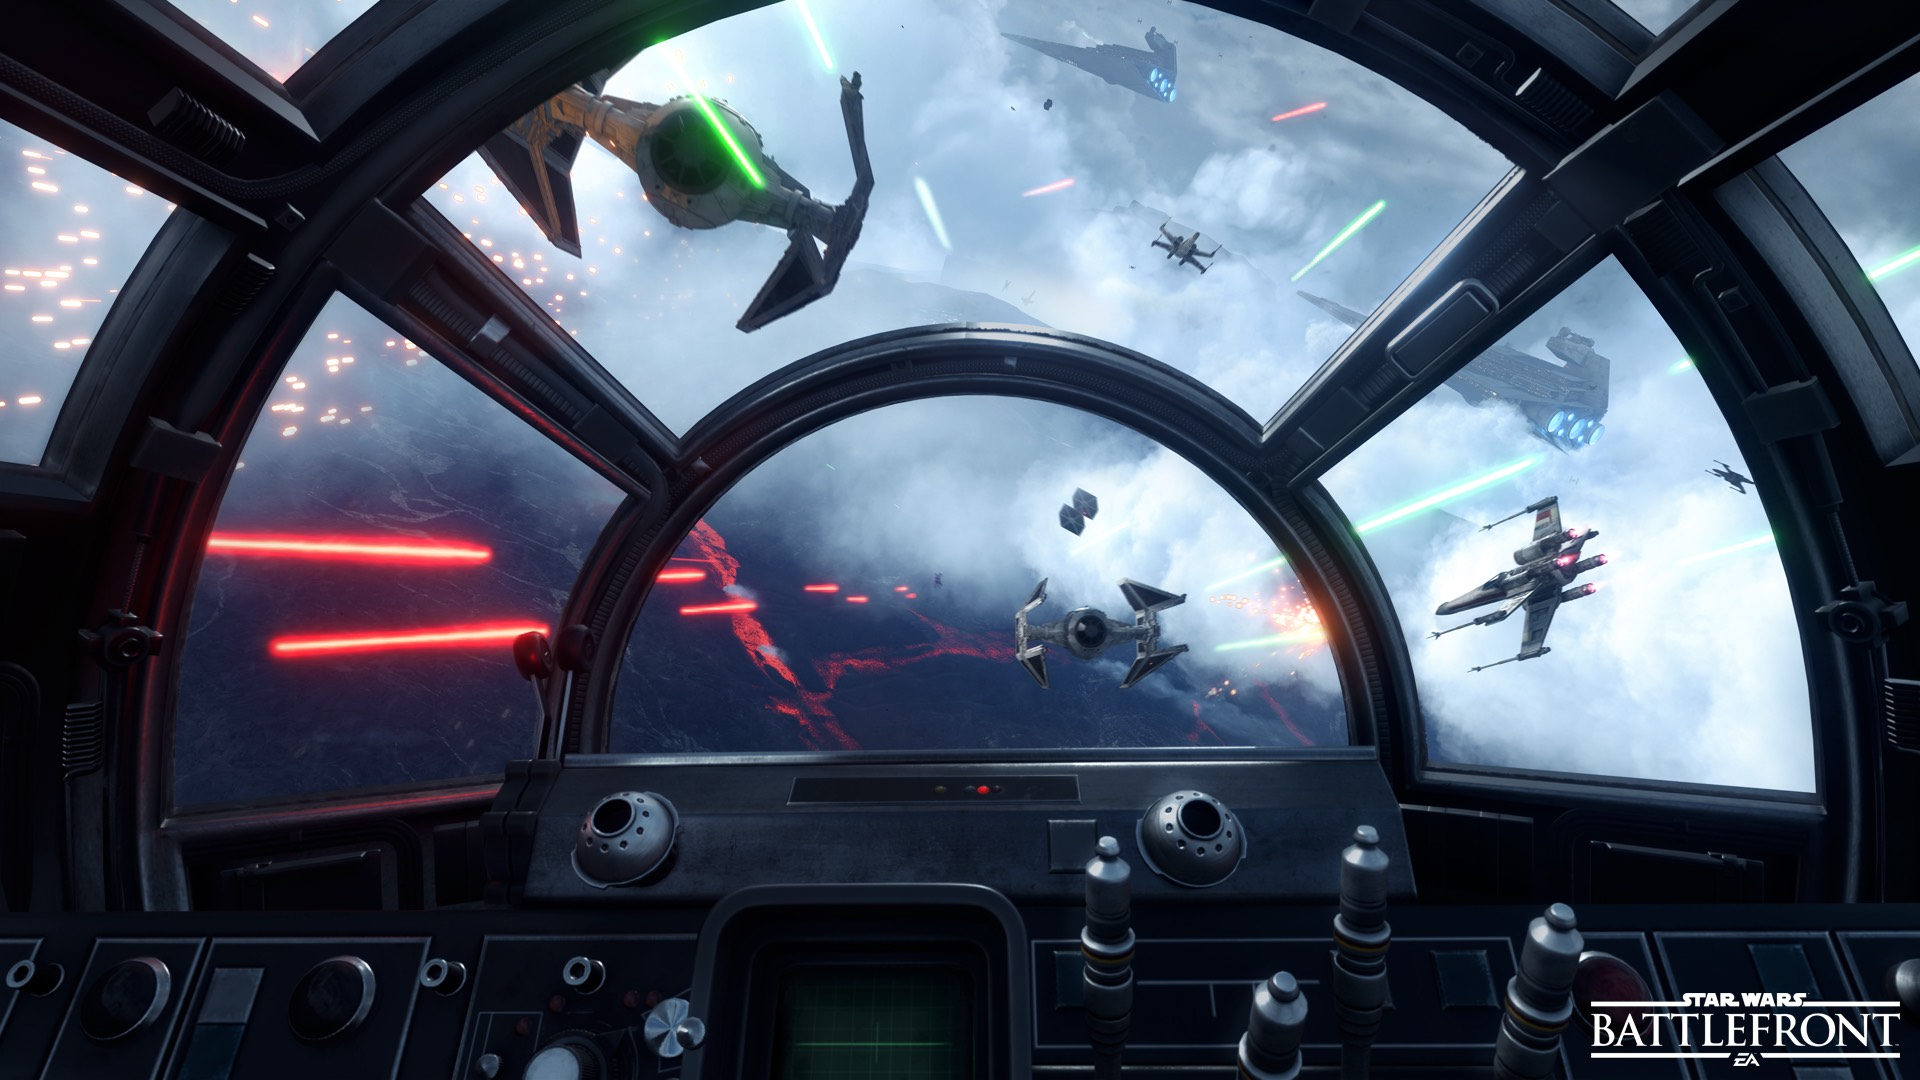 GC 2015:《星球大战:前线》新截图 火爆空战登场